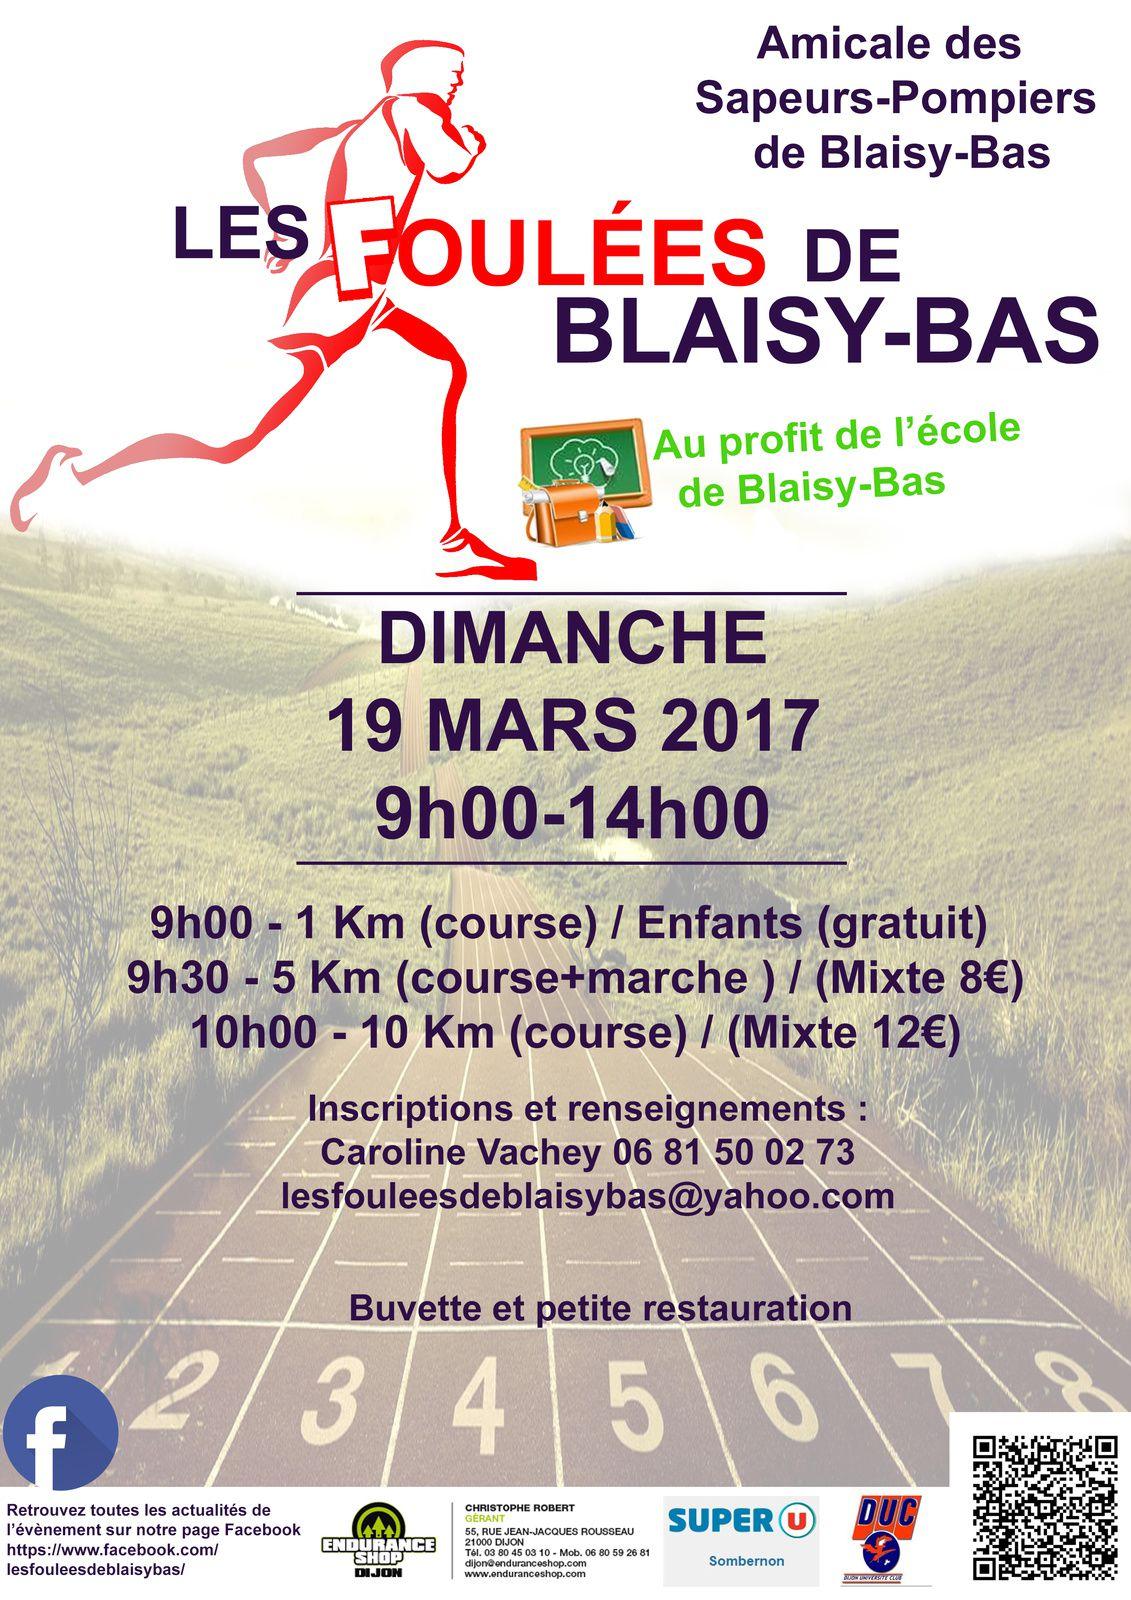 Dimanche 19 mars 2017 - Les Foulées de Blaisy-Bas